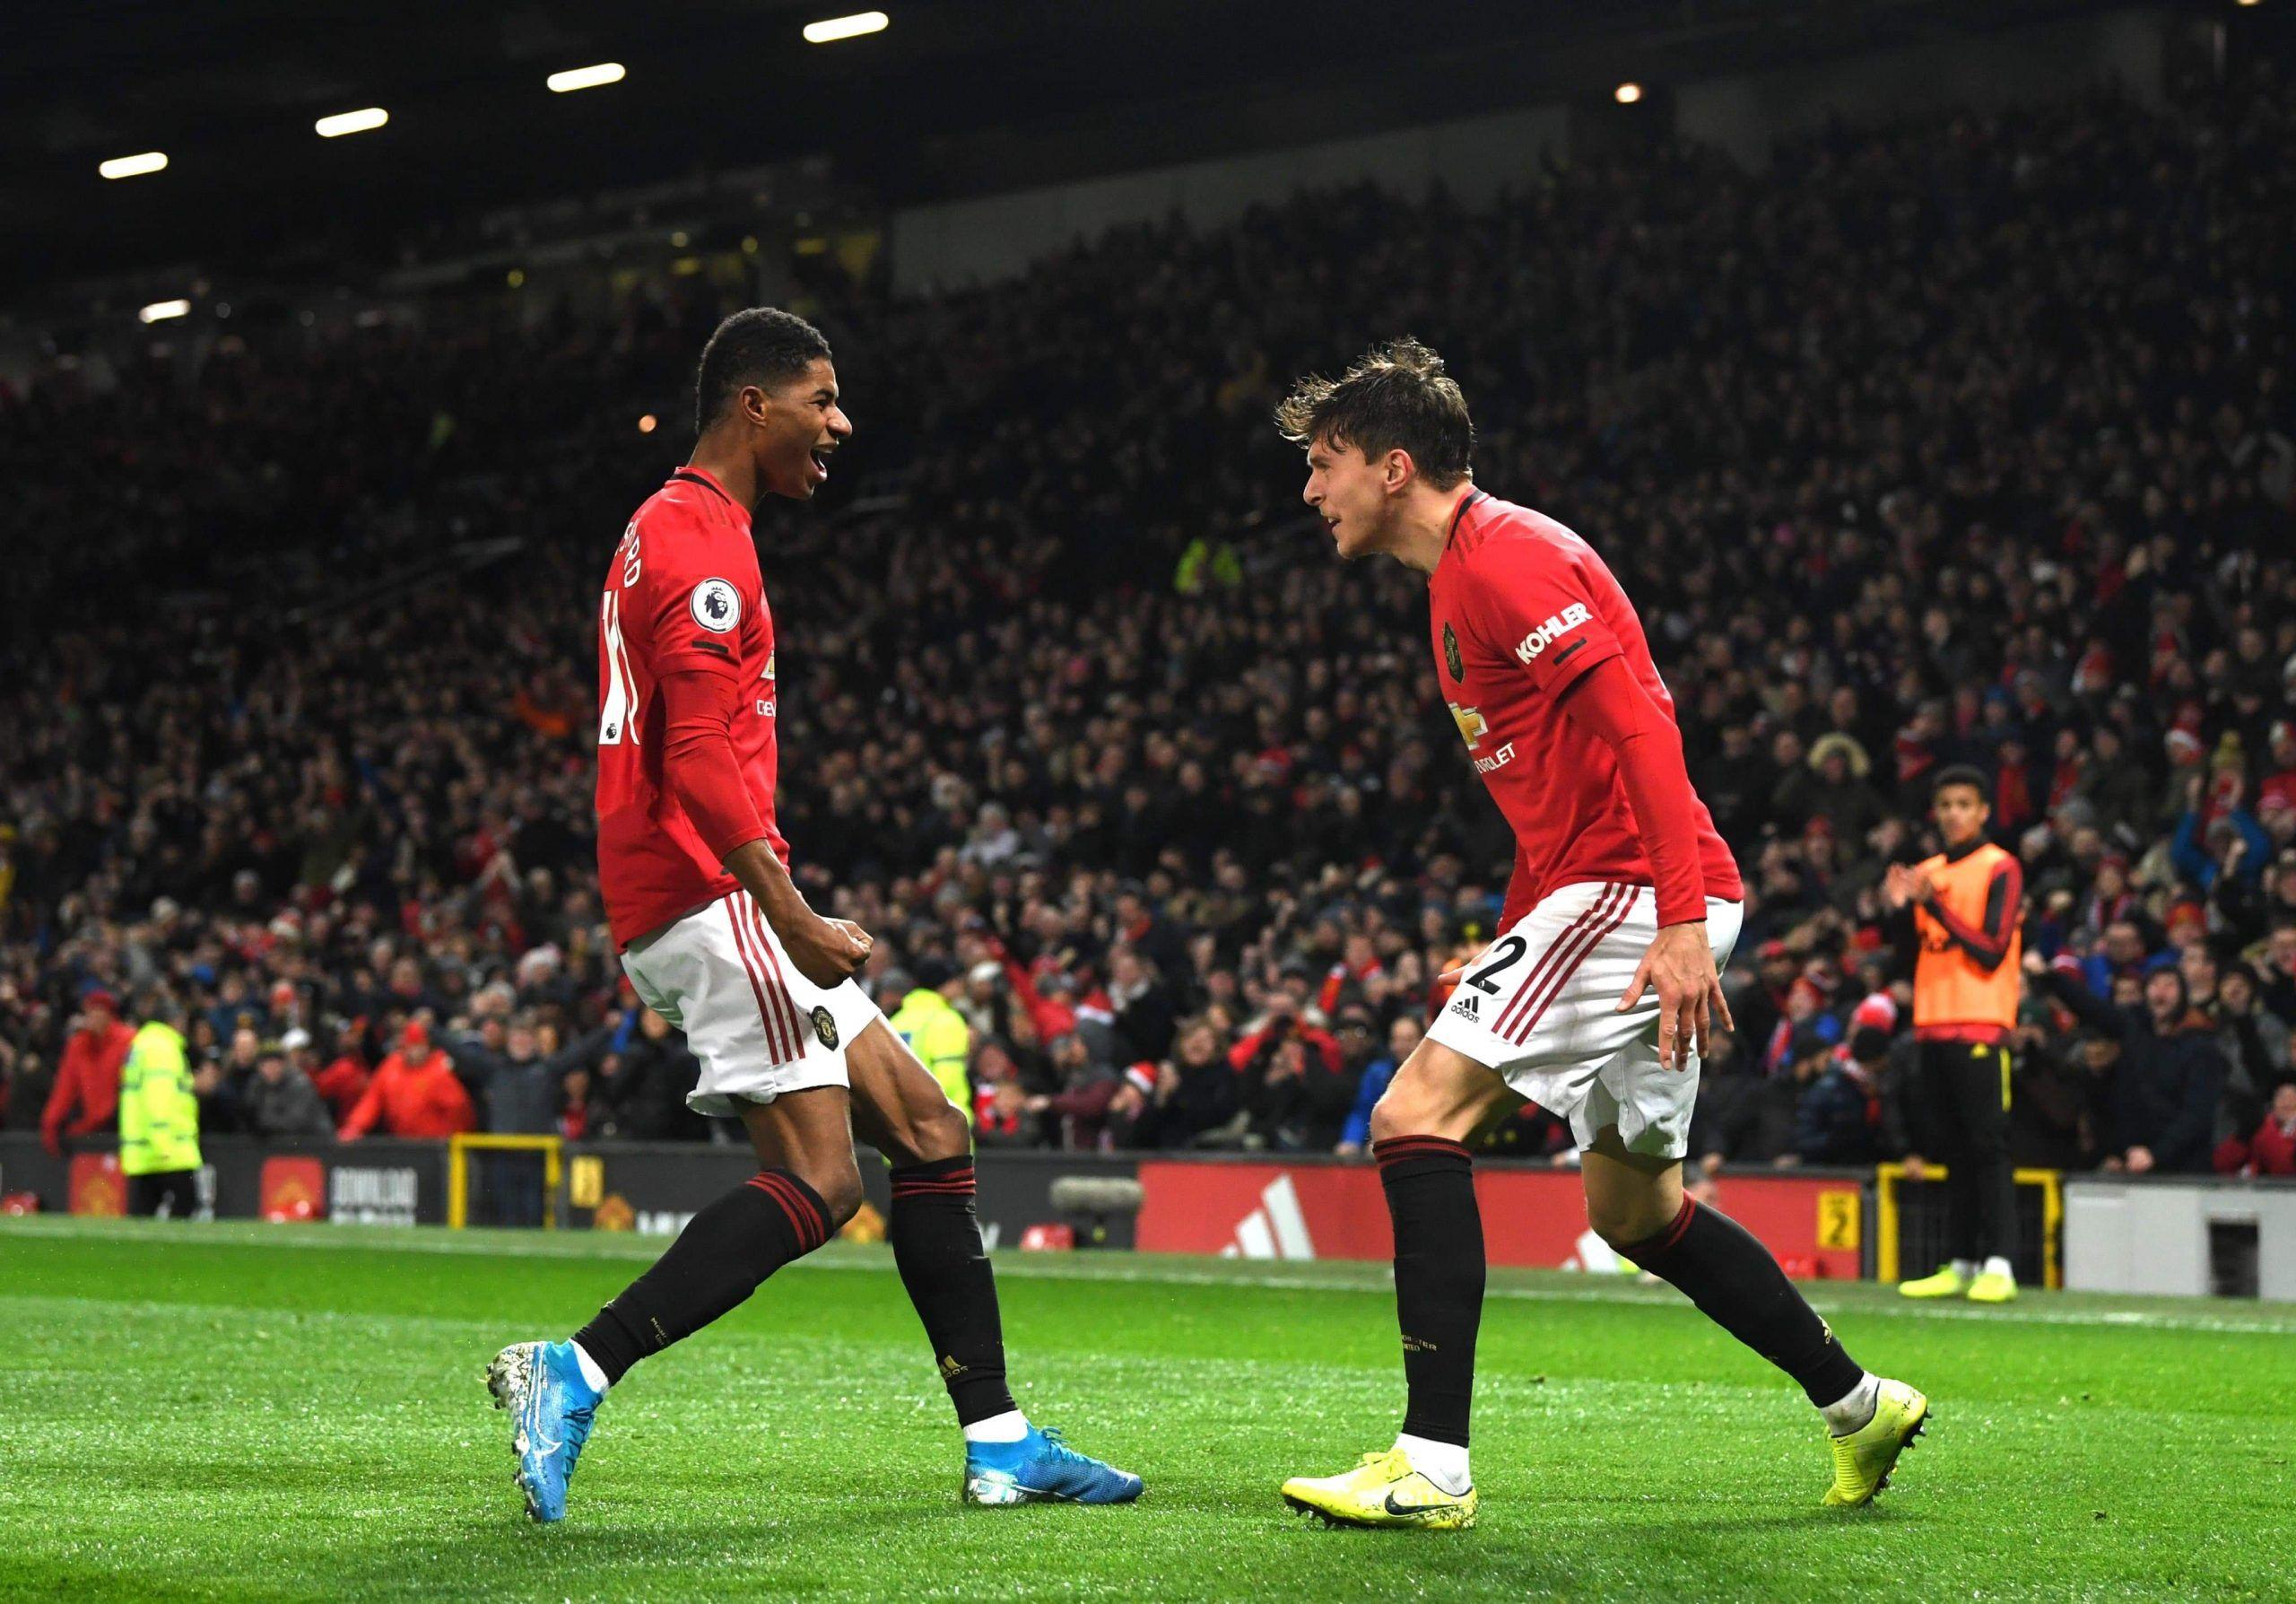 تعادل فريق مانشستر يونايتد أمام نظيره أستون فيلا بنتيجة 2 2 فى اللقاء الذى يجمع الفريقين حالي ا على ملعب أولد ترافو Manchester United Aston Villa Manchester